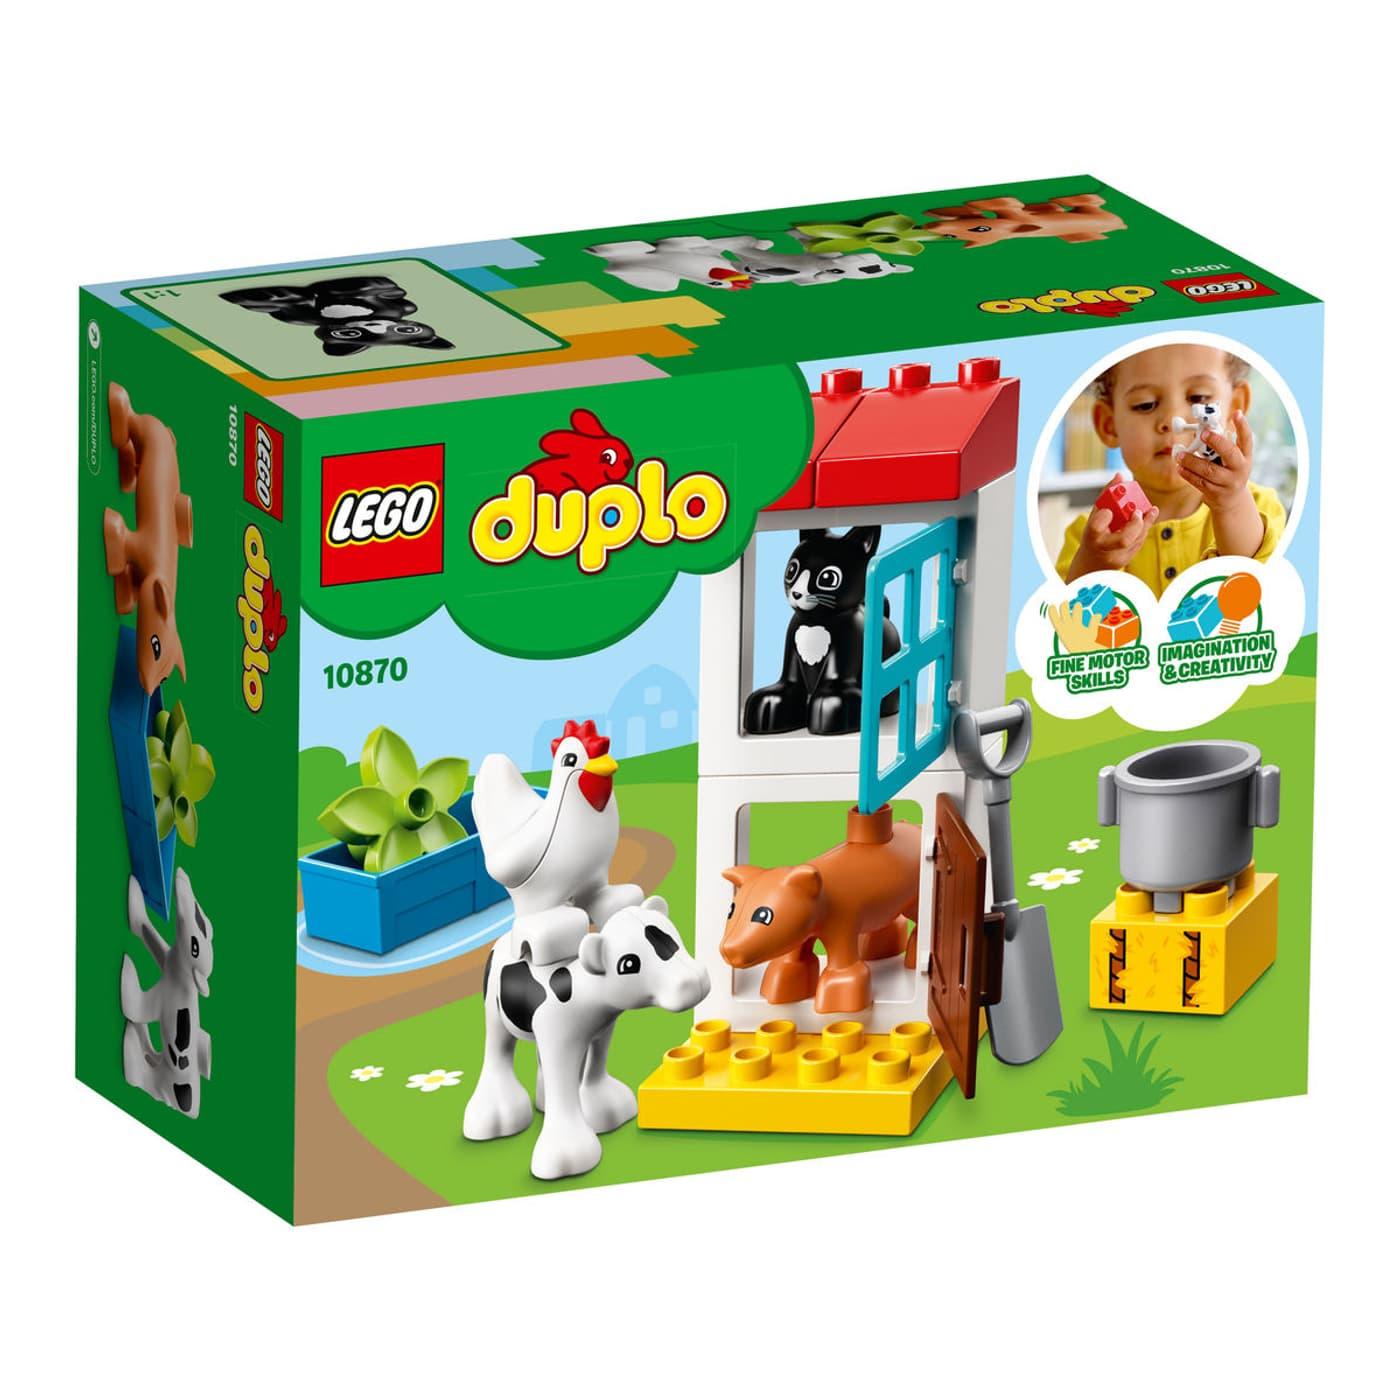 De Animaux Duplo La Lego 10870 Les FermeMigros f76Ygyb